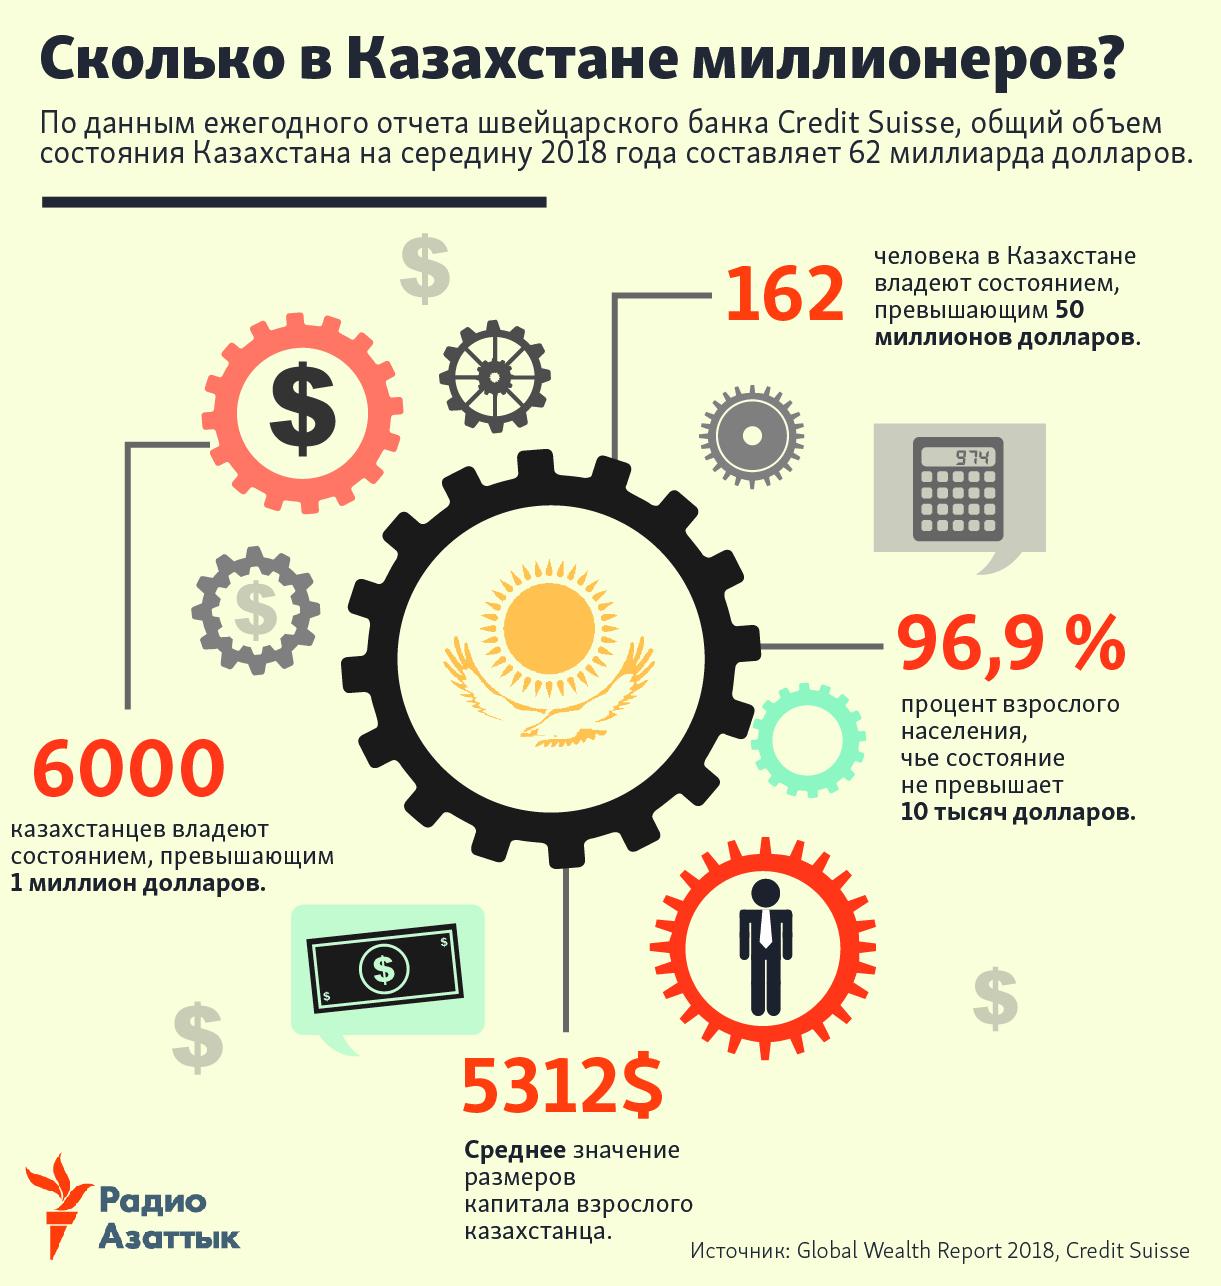 Kazakhstani millionaires